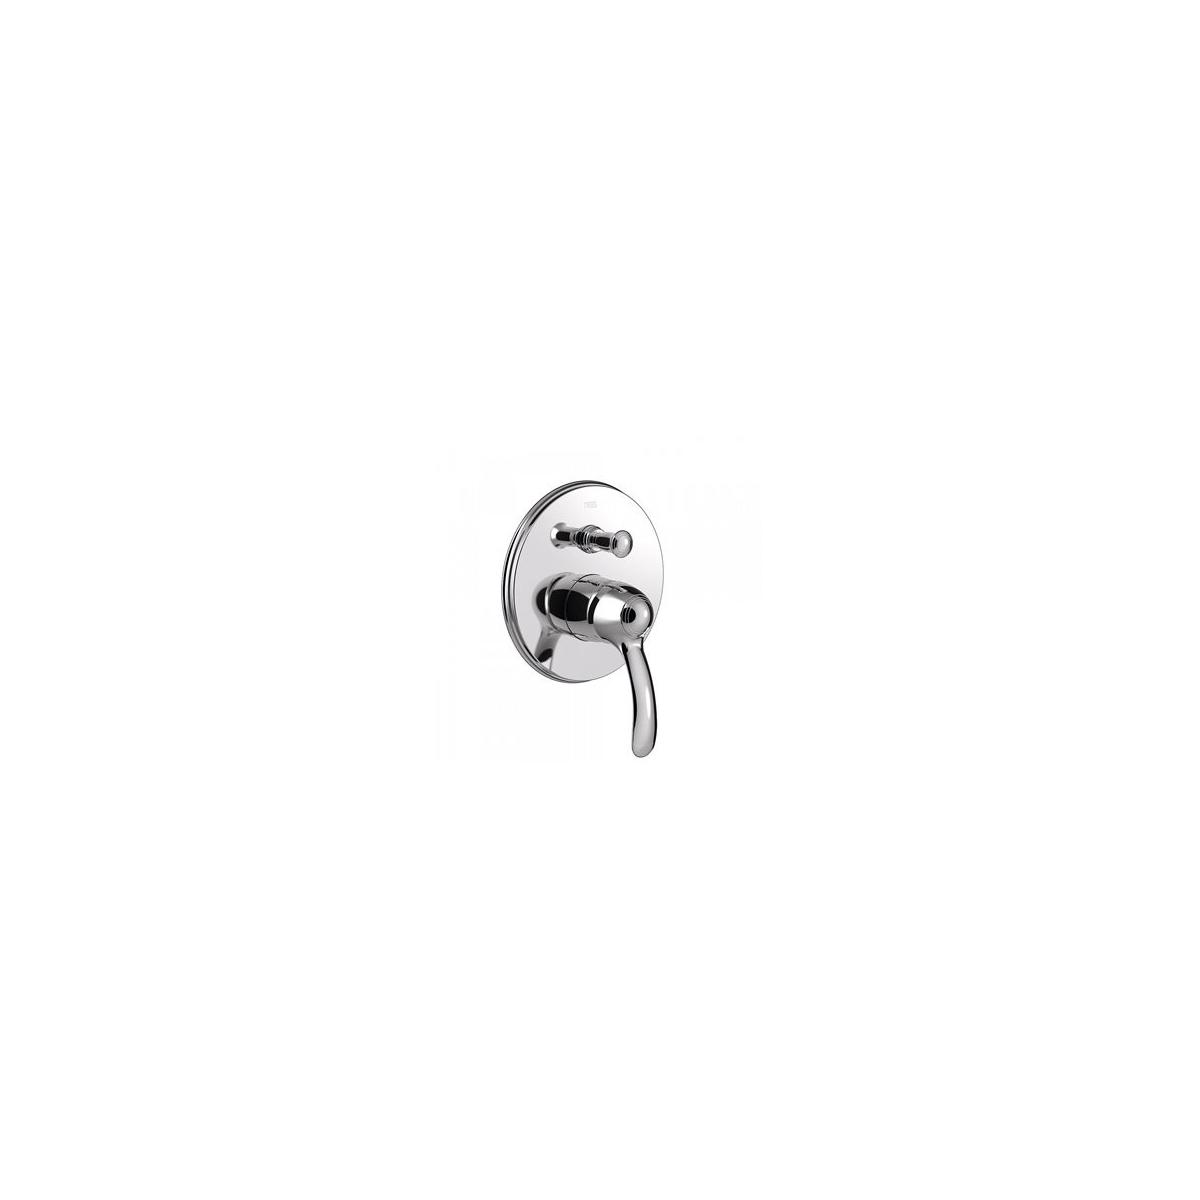 Grifo Monomando empotrado baño-ducha Tres